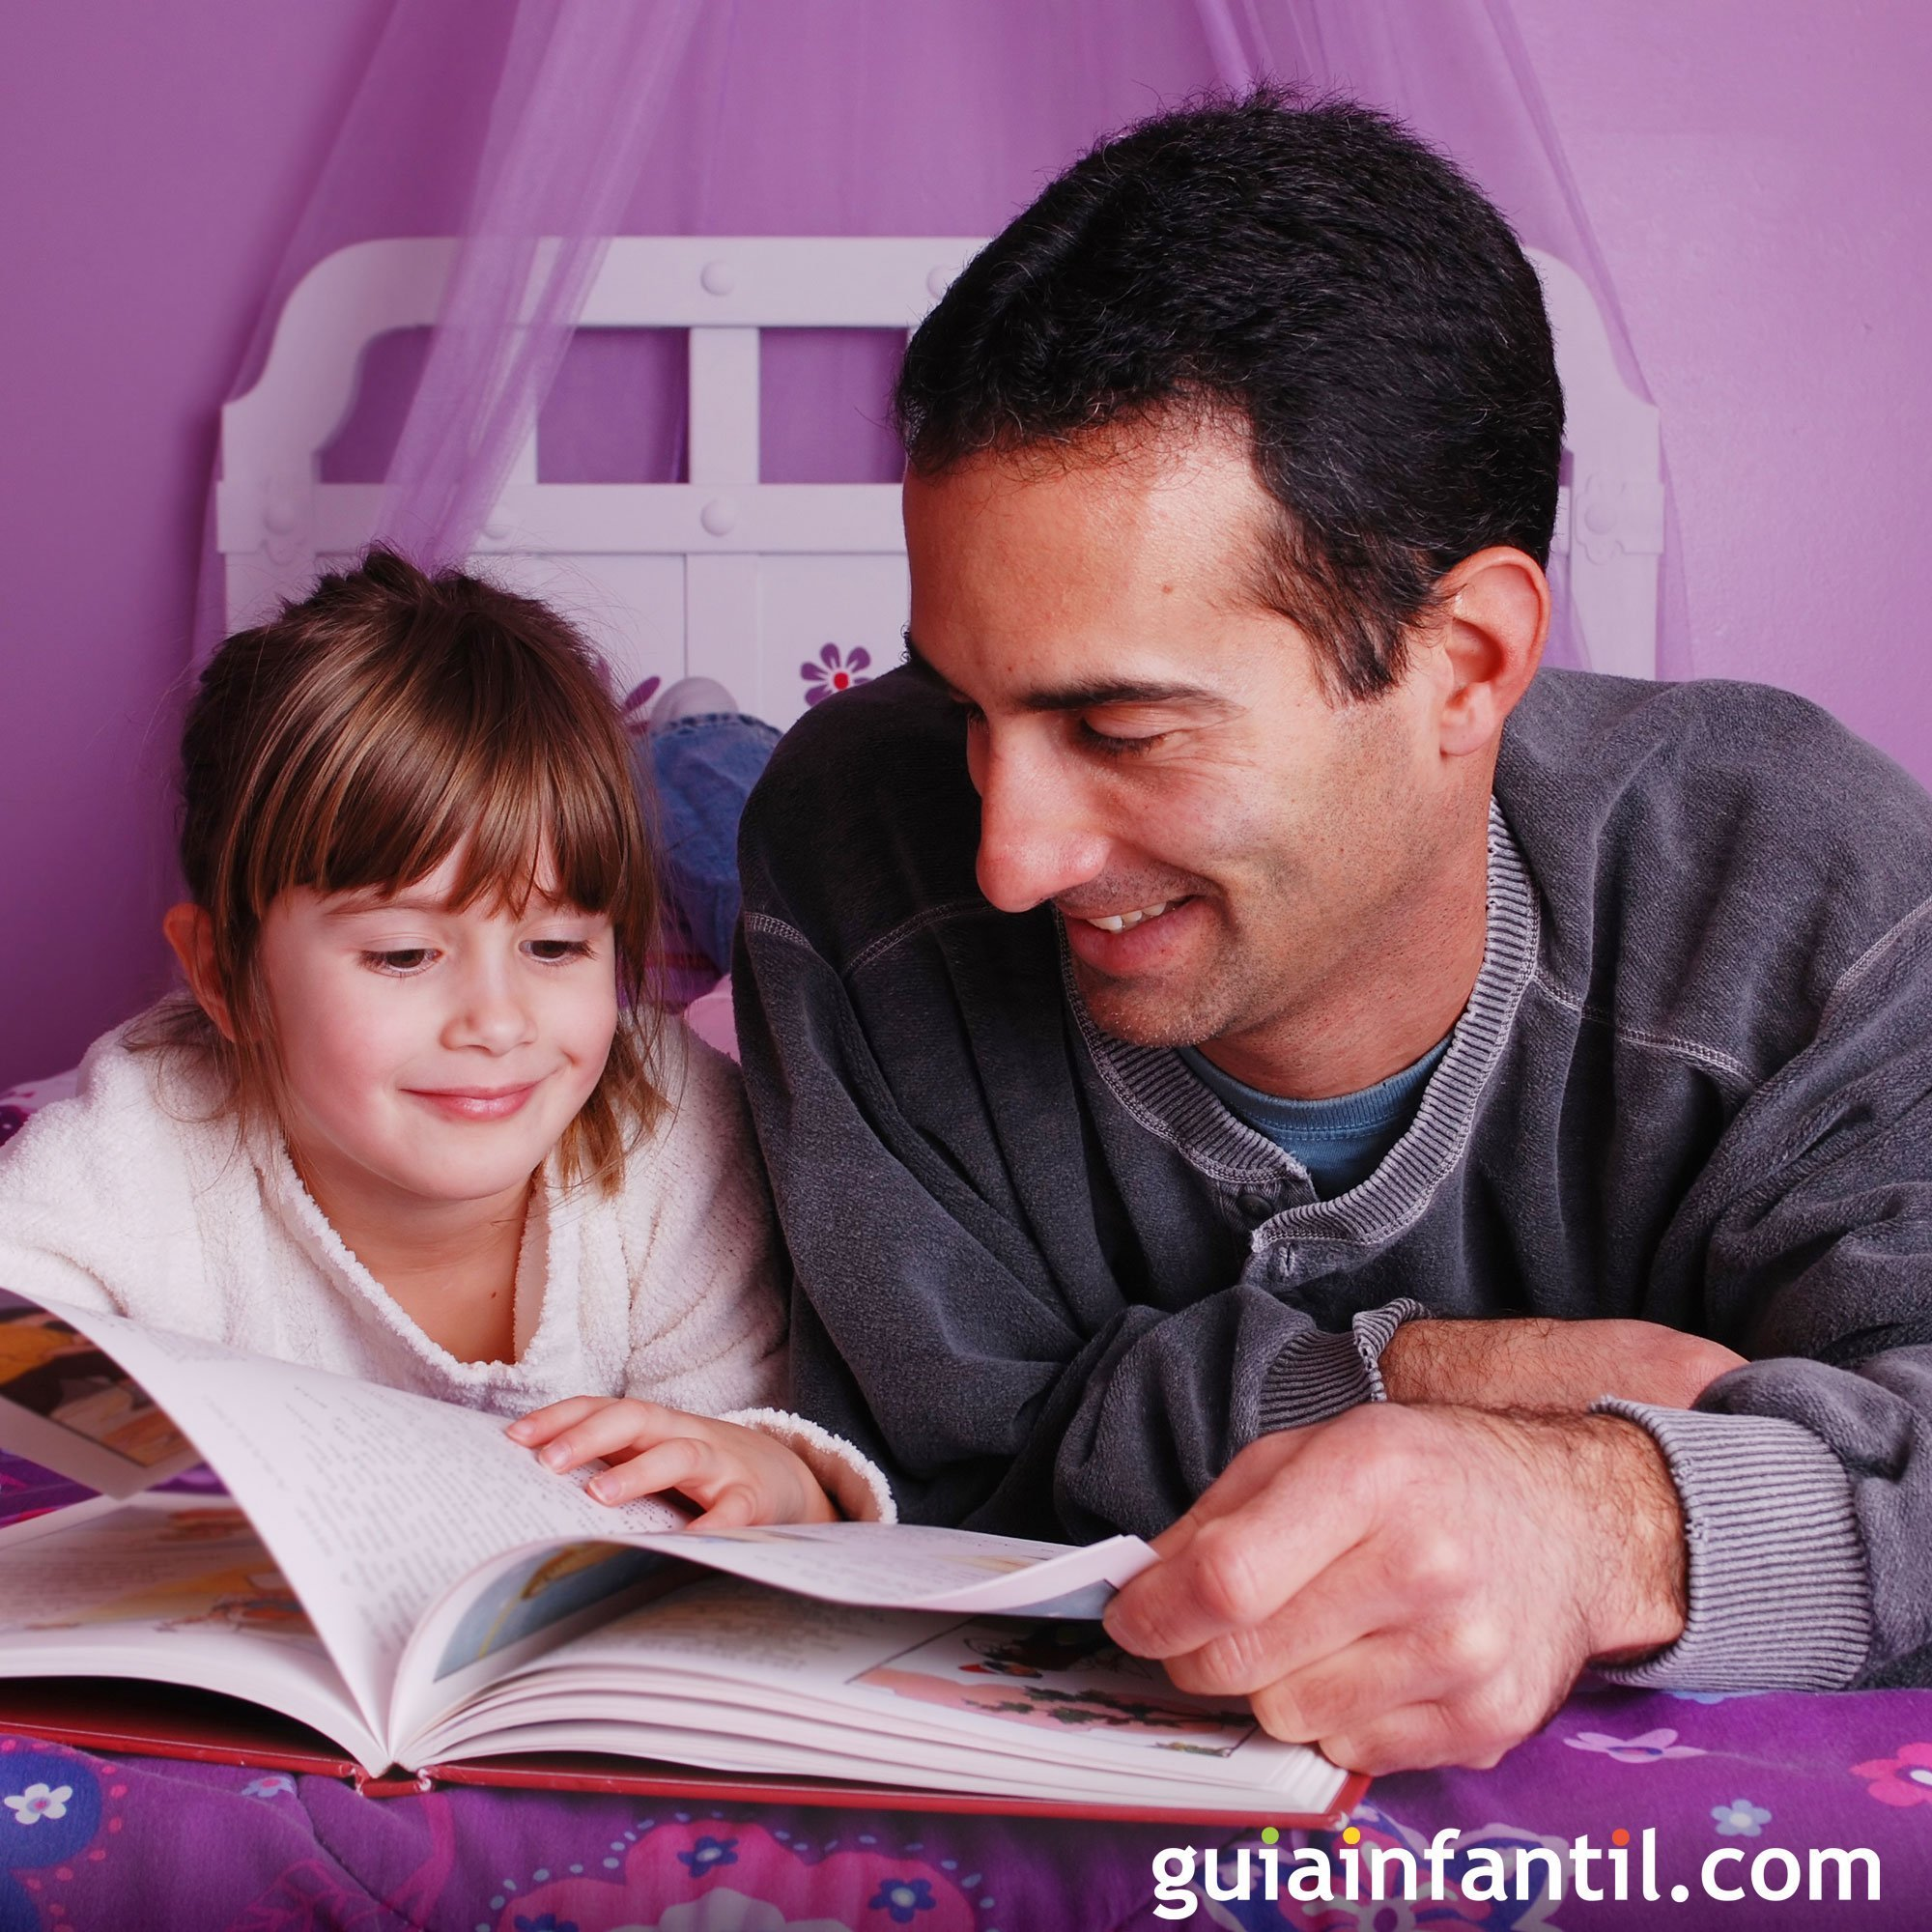 Jugar a contar cuentos con papá